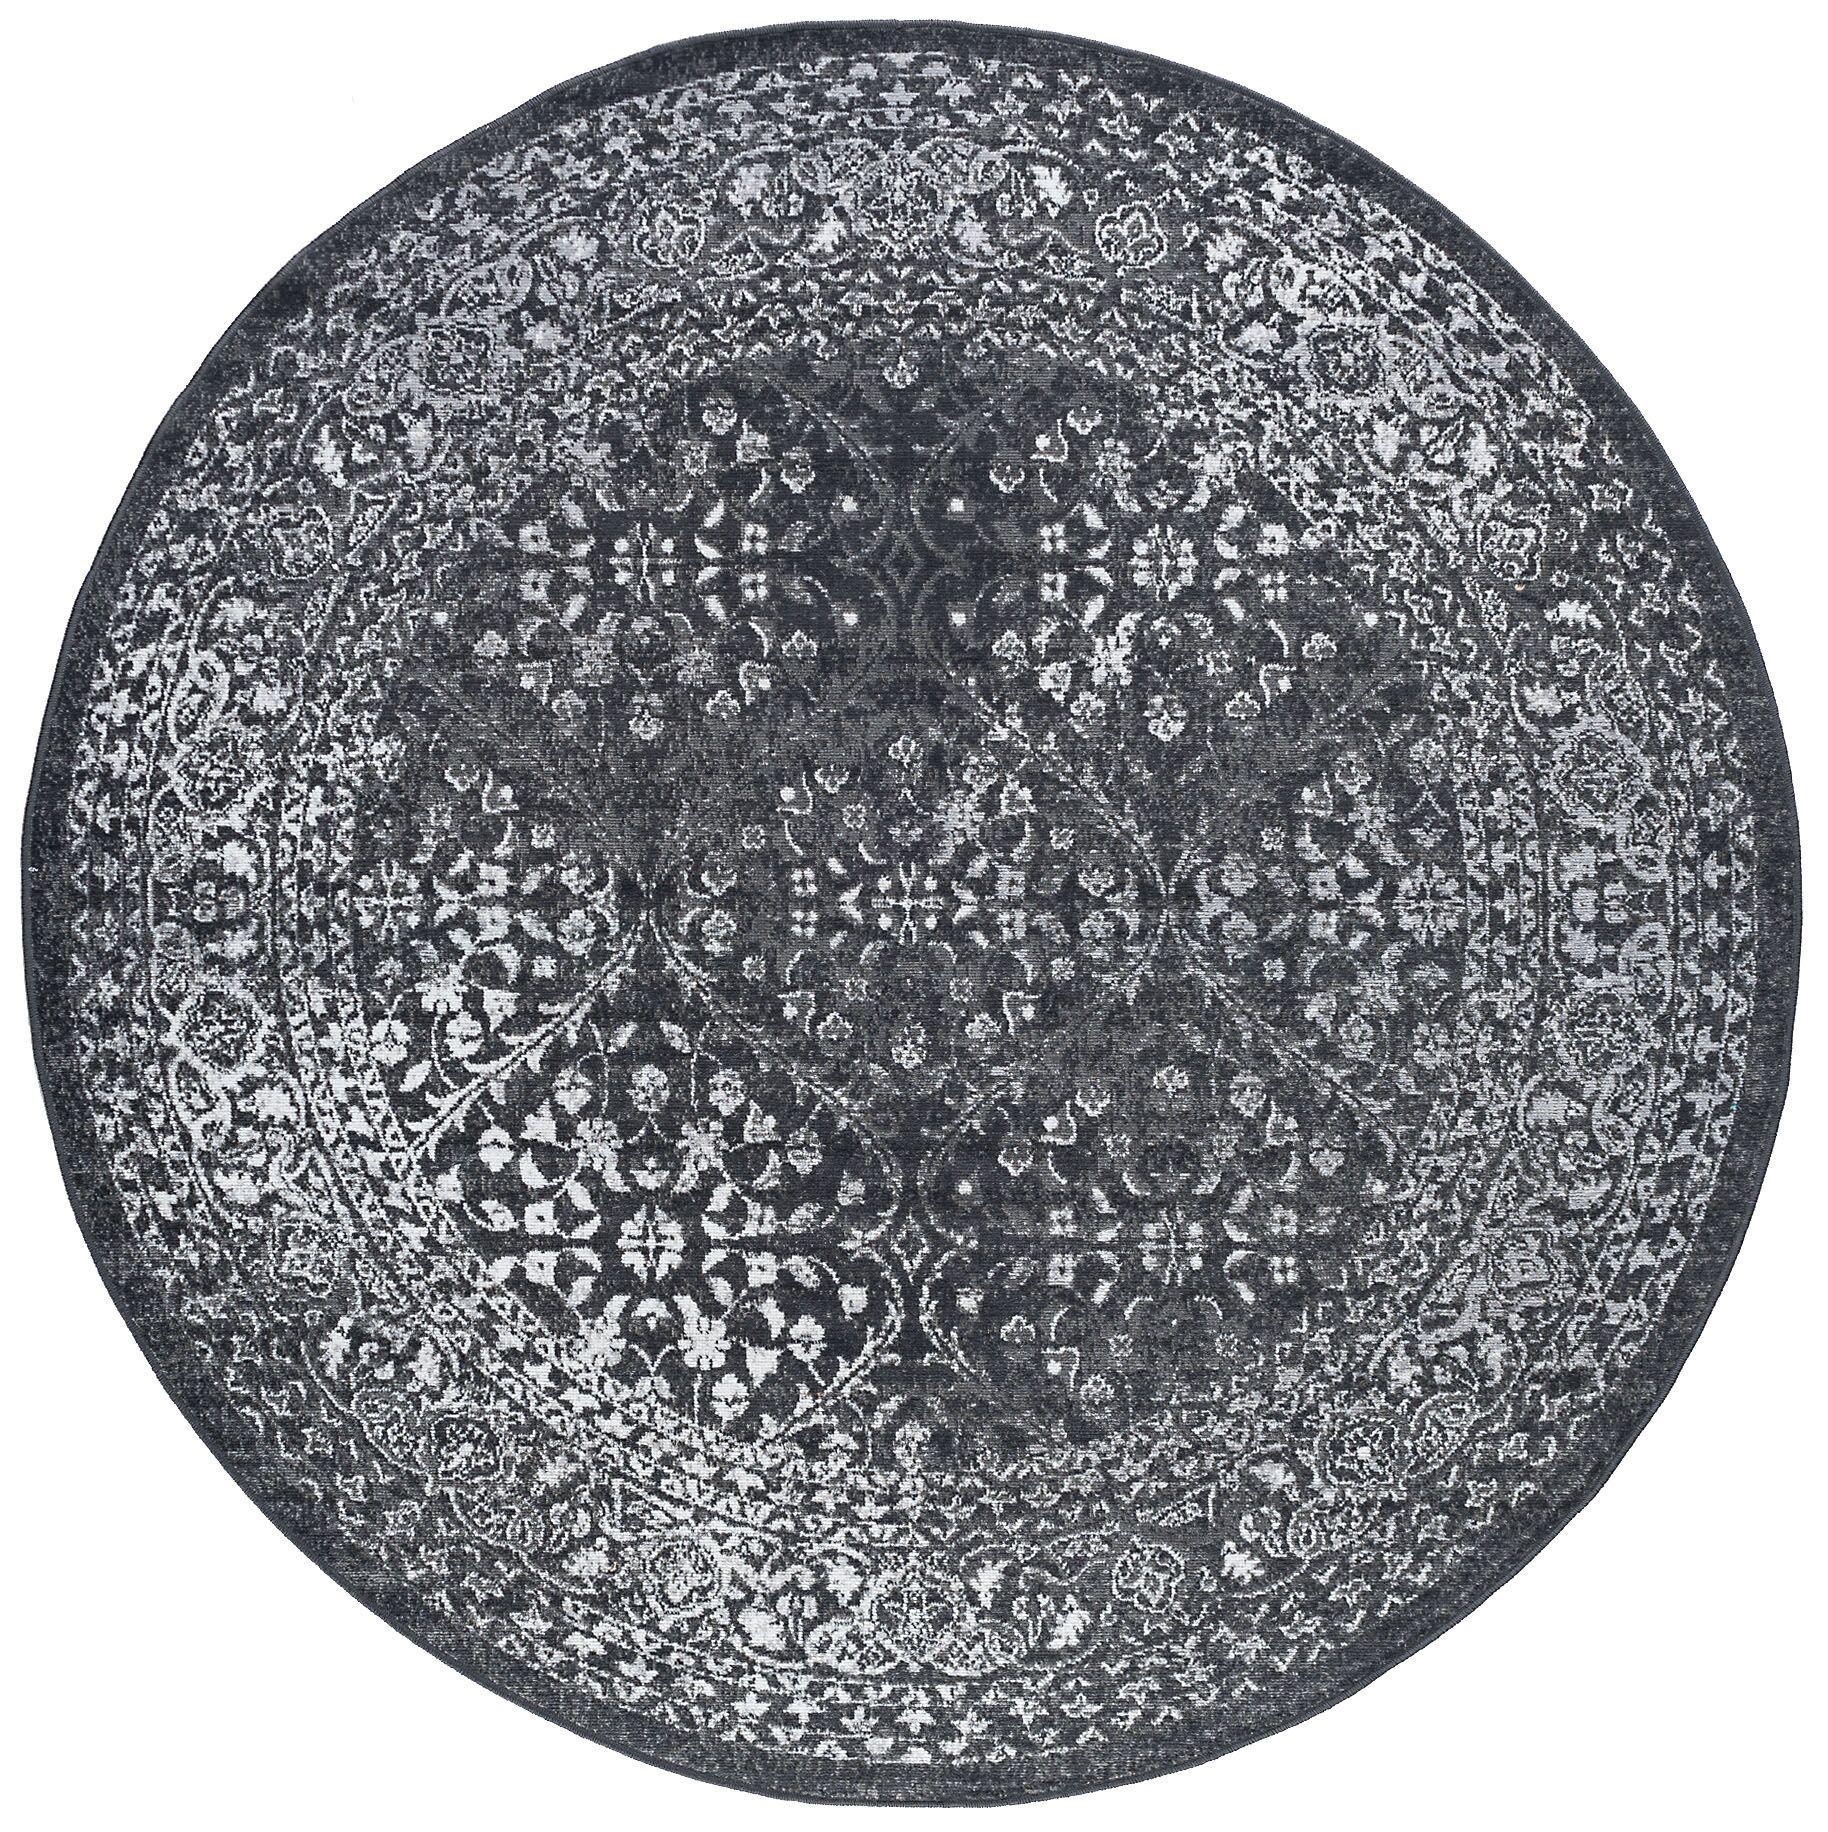 Tyshawn Modern Oriental Gray Area Rug Rug Size: 7'10'' Round